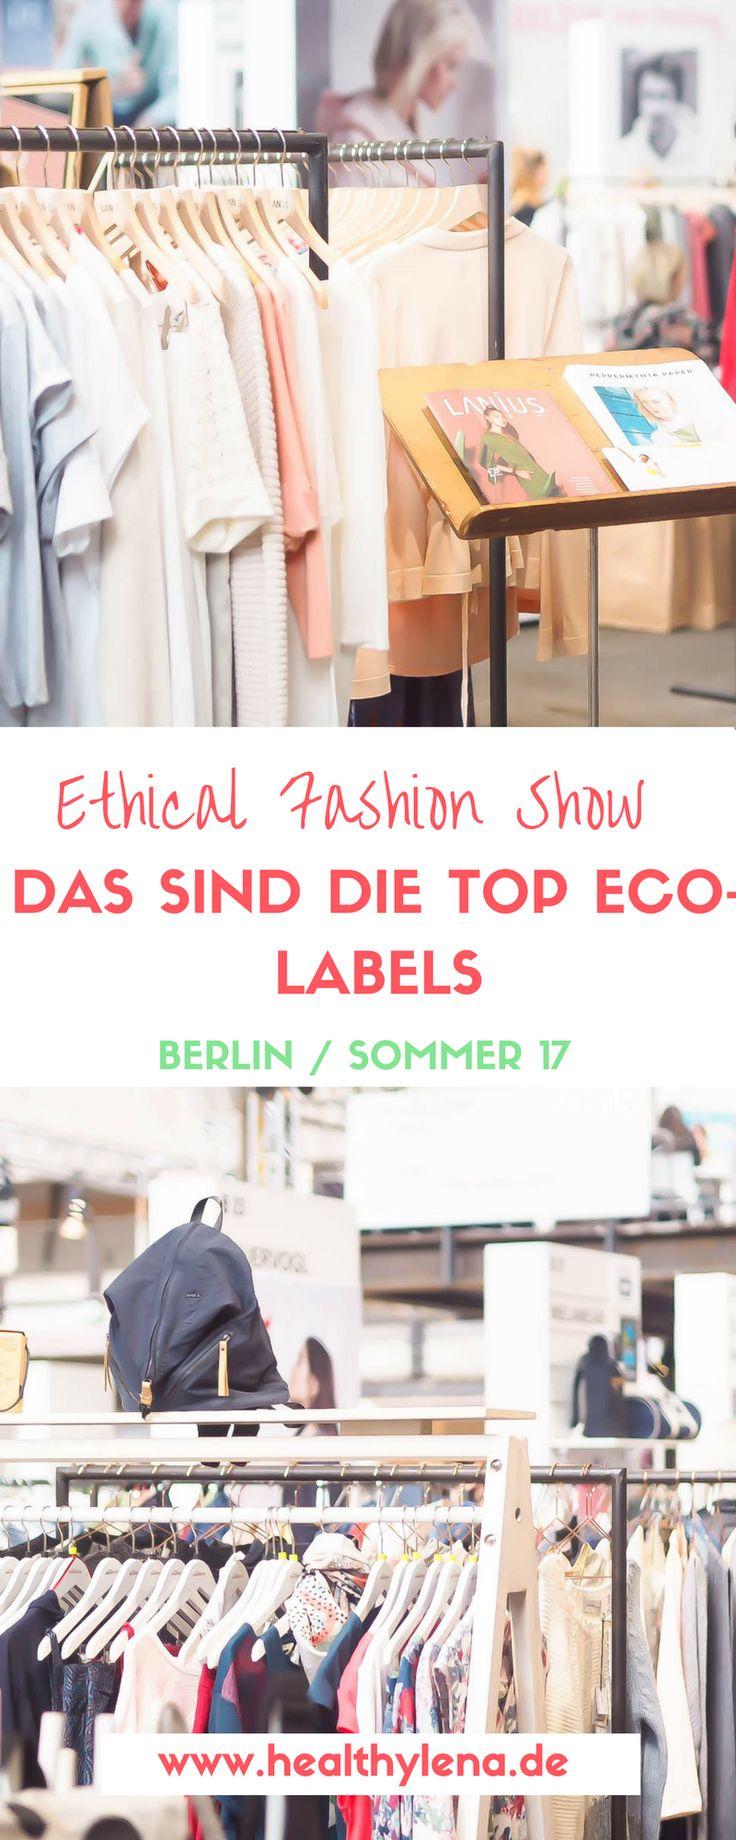 Ich bin zurück von der Ethical Fashion Show Berlin! Einen Tag lang habe ich mich dem Fashion Trubel hingegeben, neue Trends entdeckt und durfte viele spannende Leute kennenlernen. Es hat sich gelohnt. Hier erfahrt ihr mehr über meine liebsten Eco Fashion Labels und faire Mode im Allgemeinen. Nachhaltigkeit rockt!